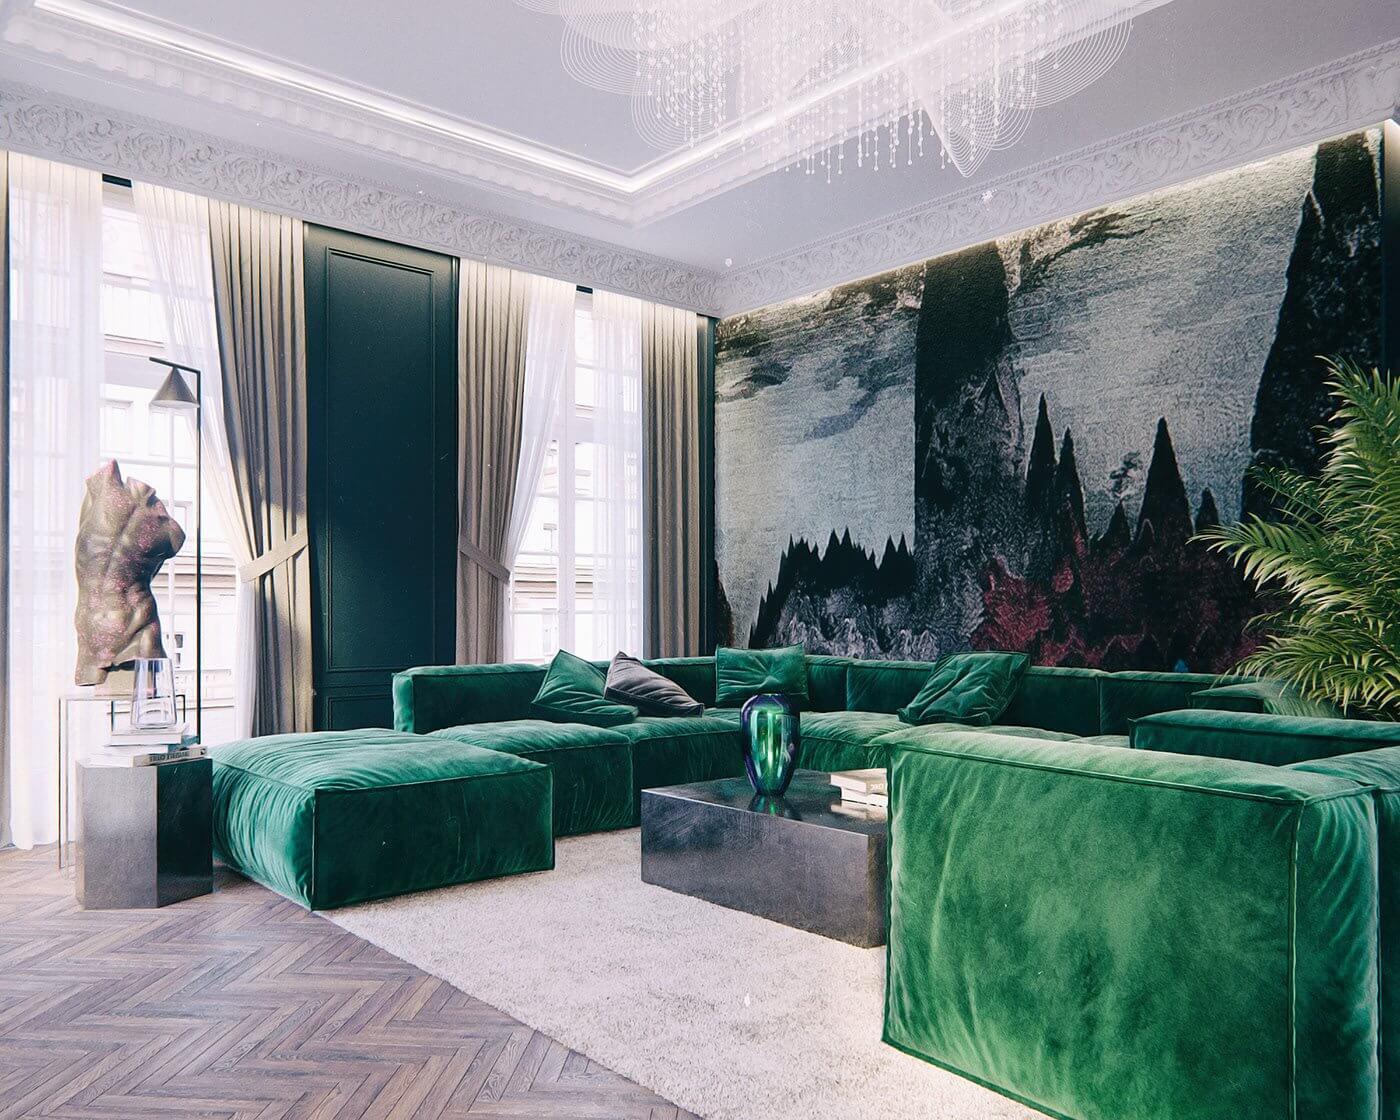 Maison Noire Apartment Paris couch green sculpture bronze living room - cgi visualization